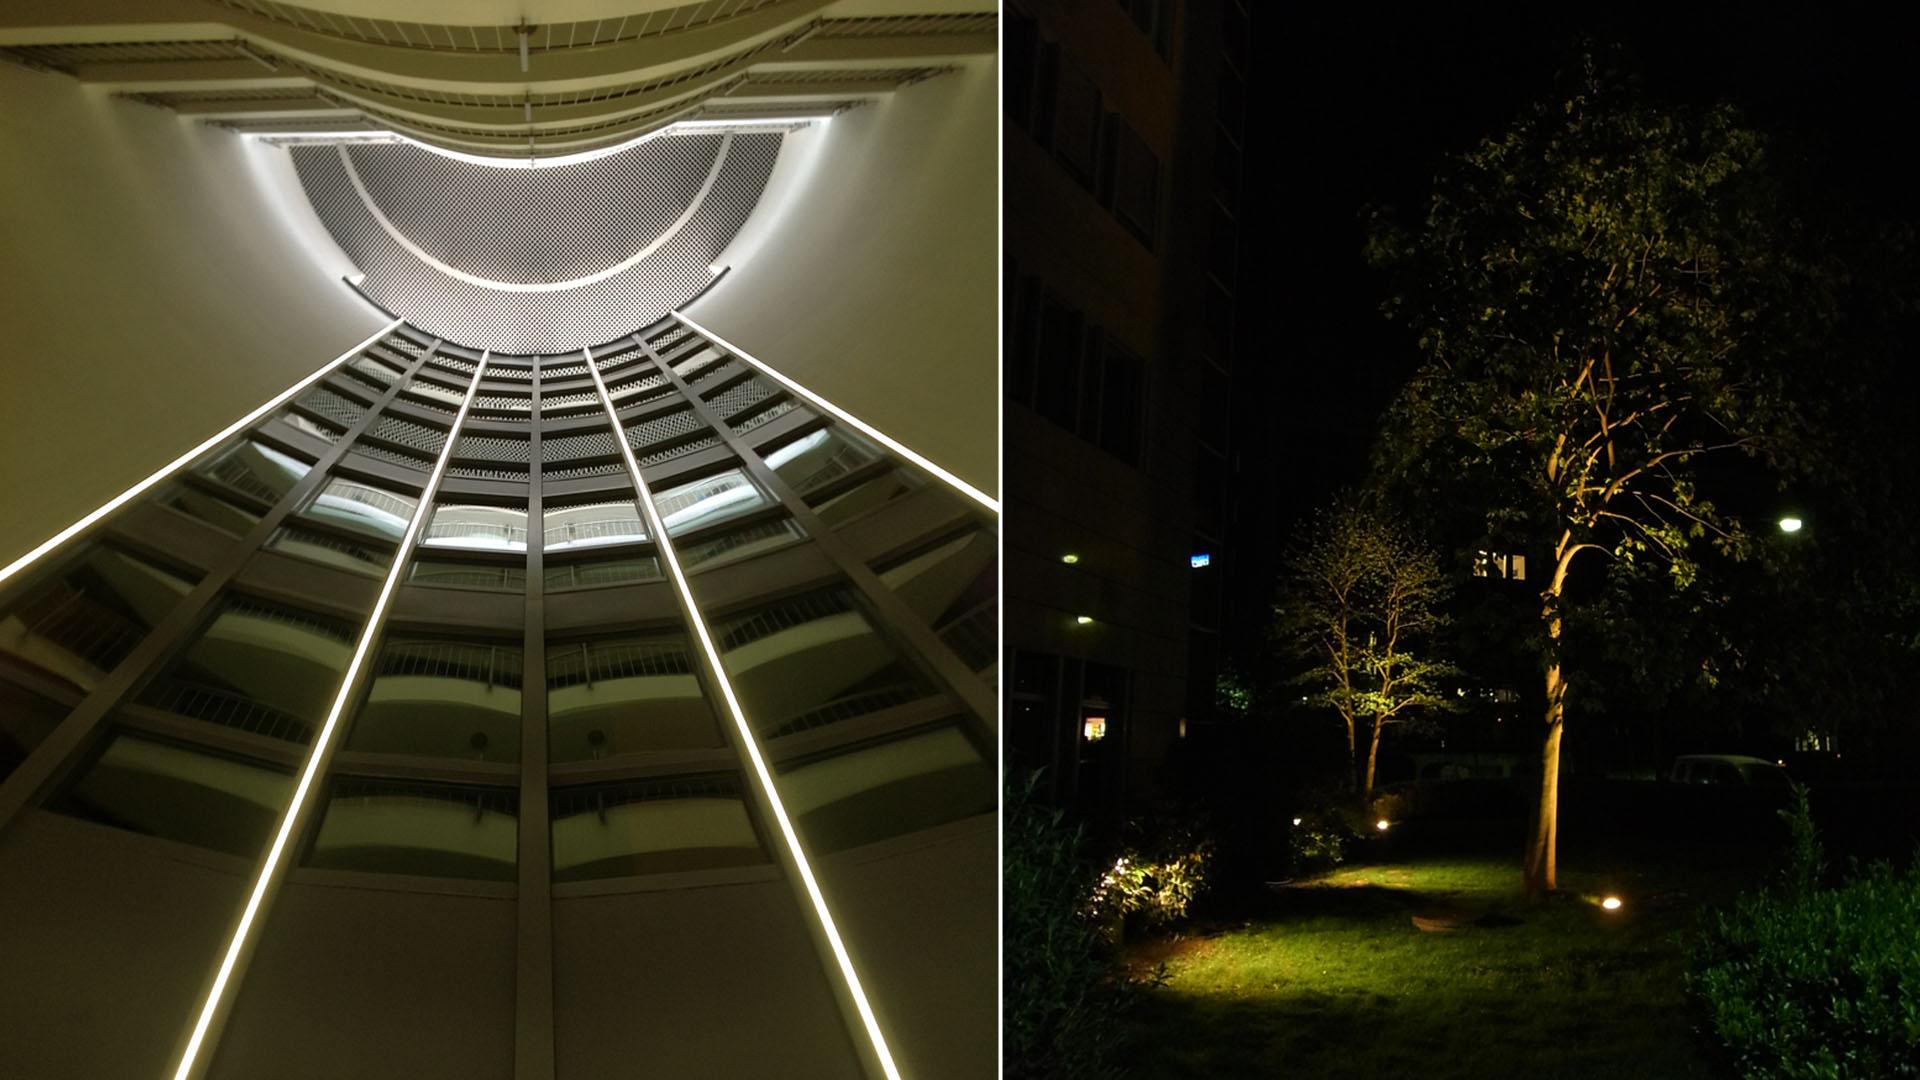 MAASS-Lichtplanung_Lichtplanung für Fassade und Freiflächen__02_Olof-Palme-Straße_Slideshow_10_11